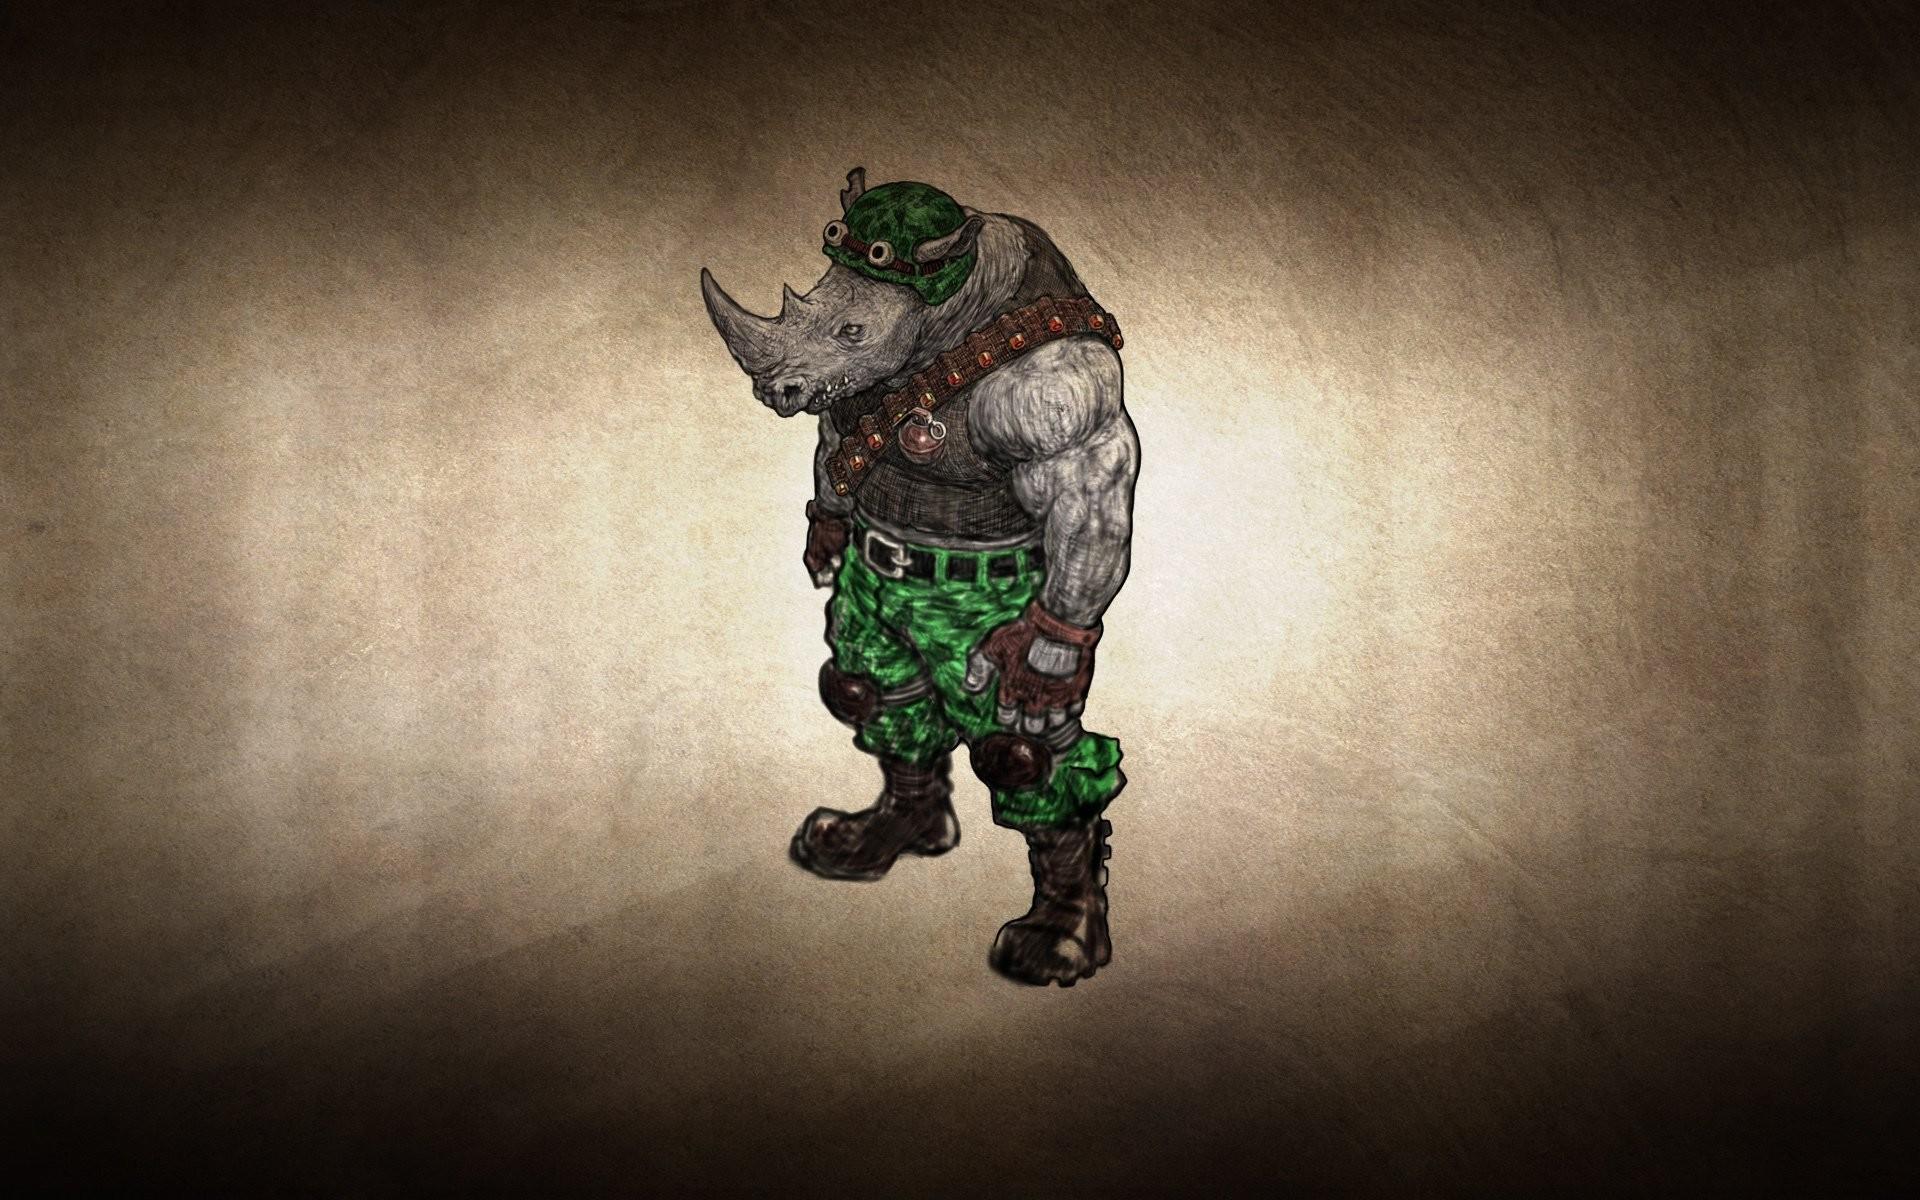 rhinoceros clothing grenade dusky background tmnt teenage mutant ninja  turtles rocksteady